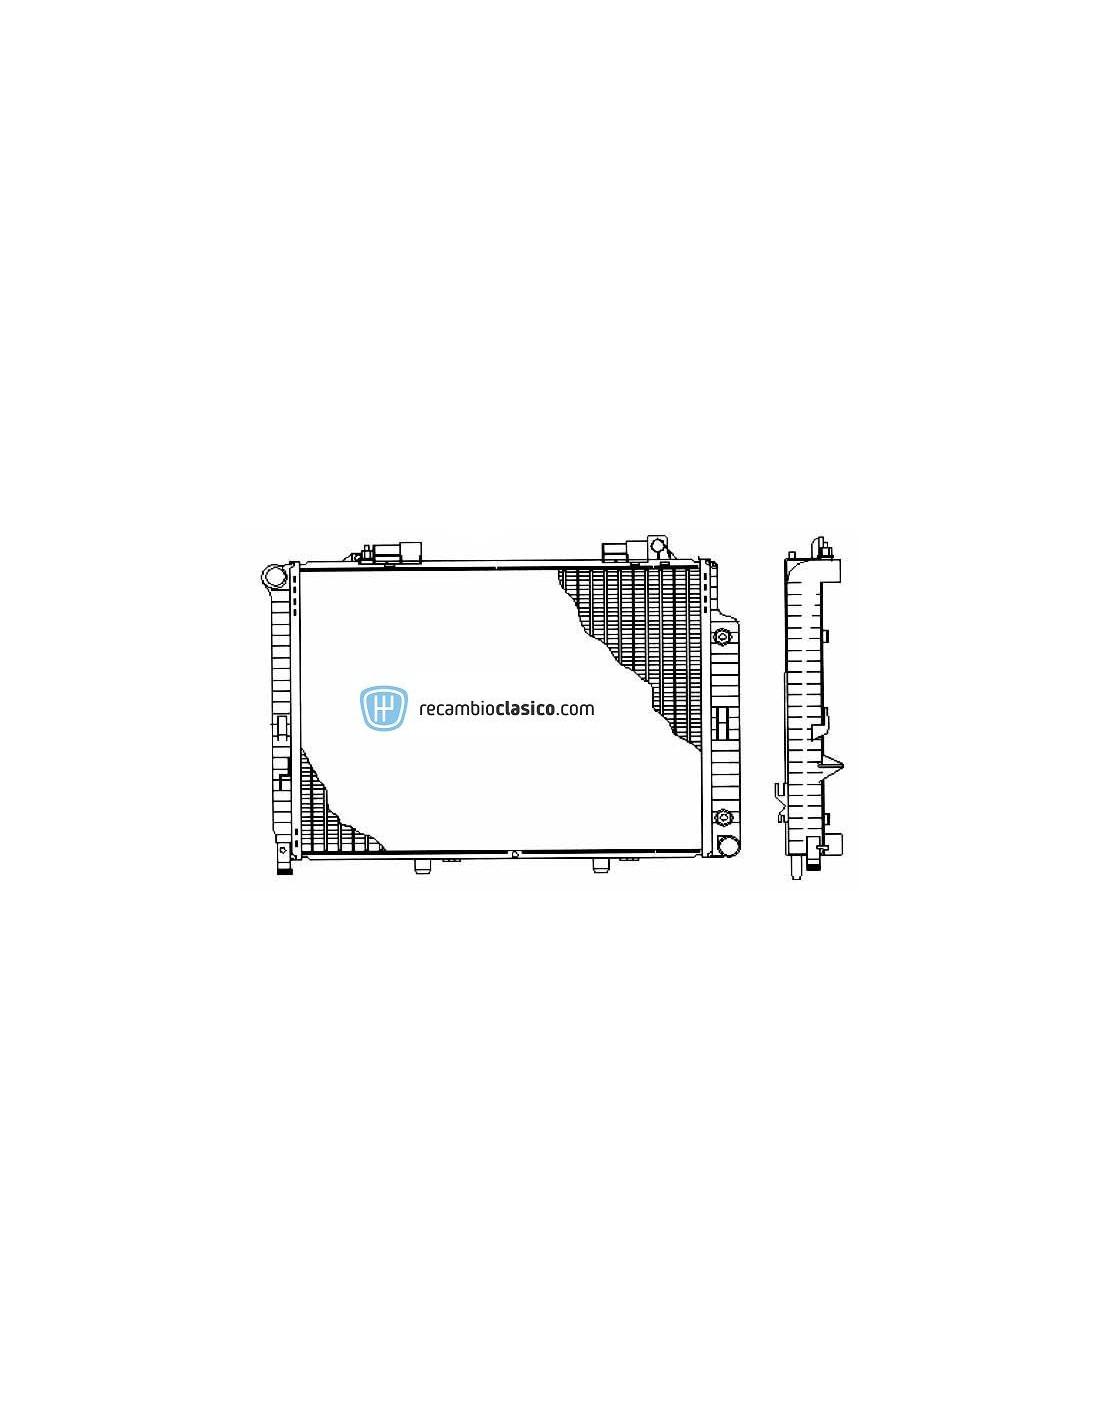 Radiador refrigeración MERCEDES W210 E290 TD 96-